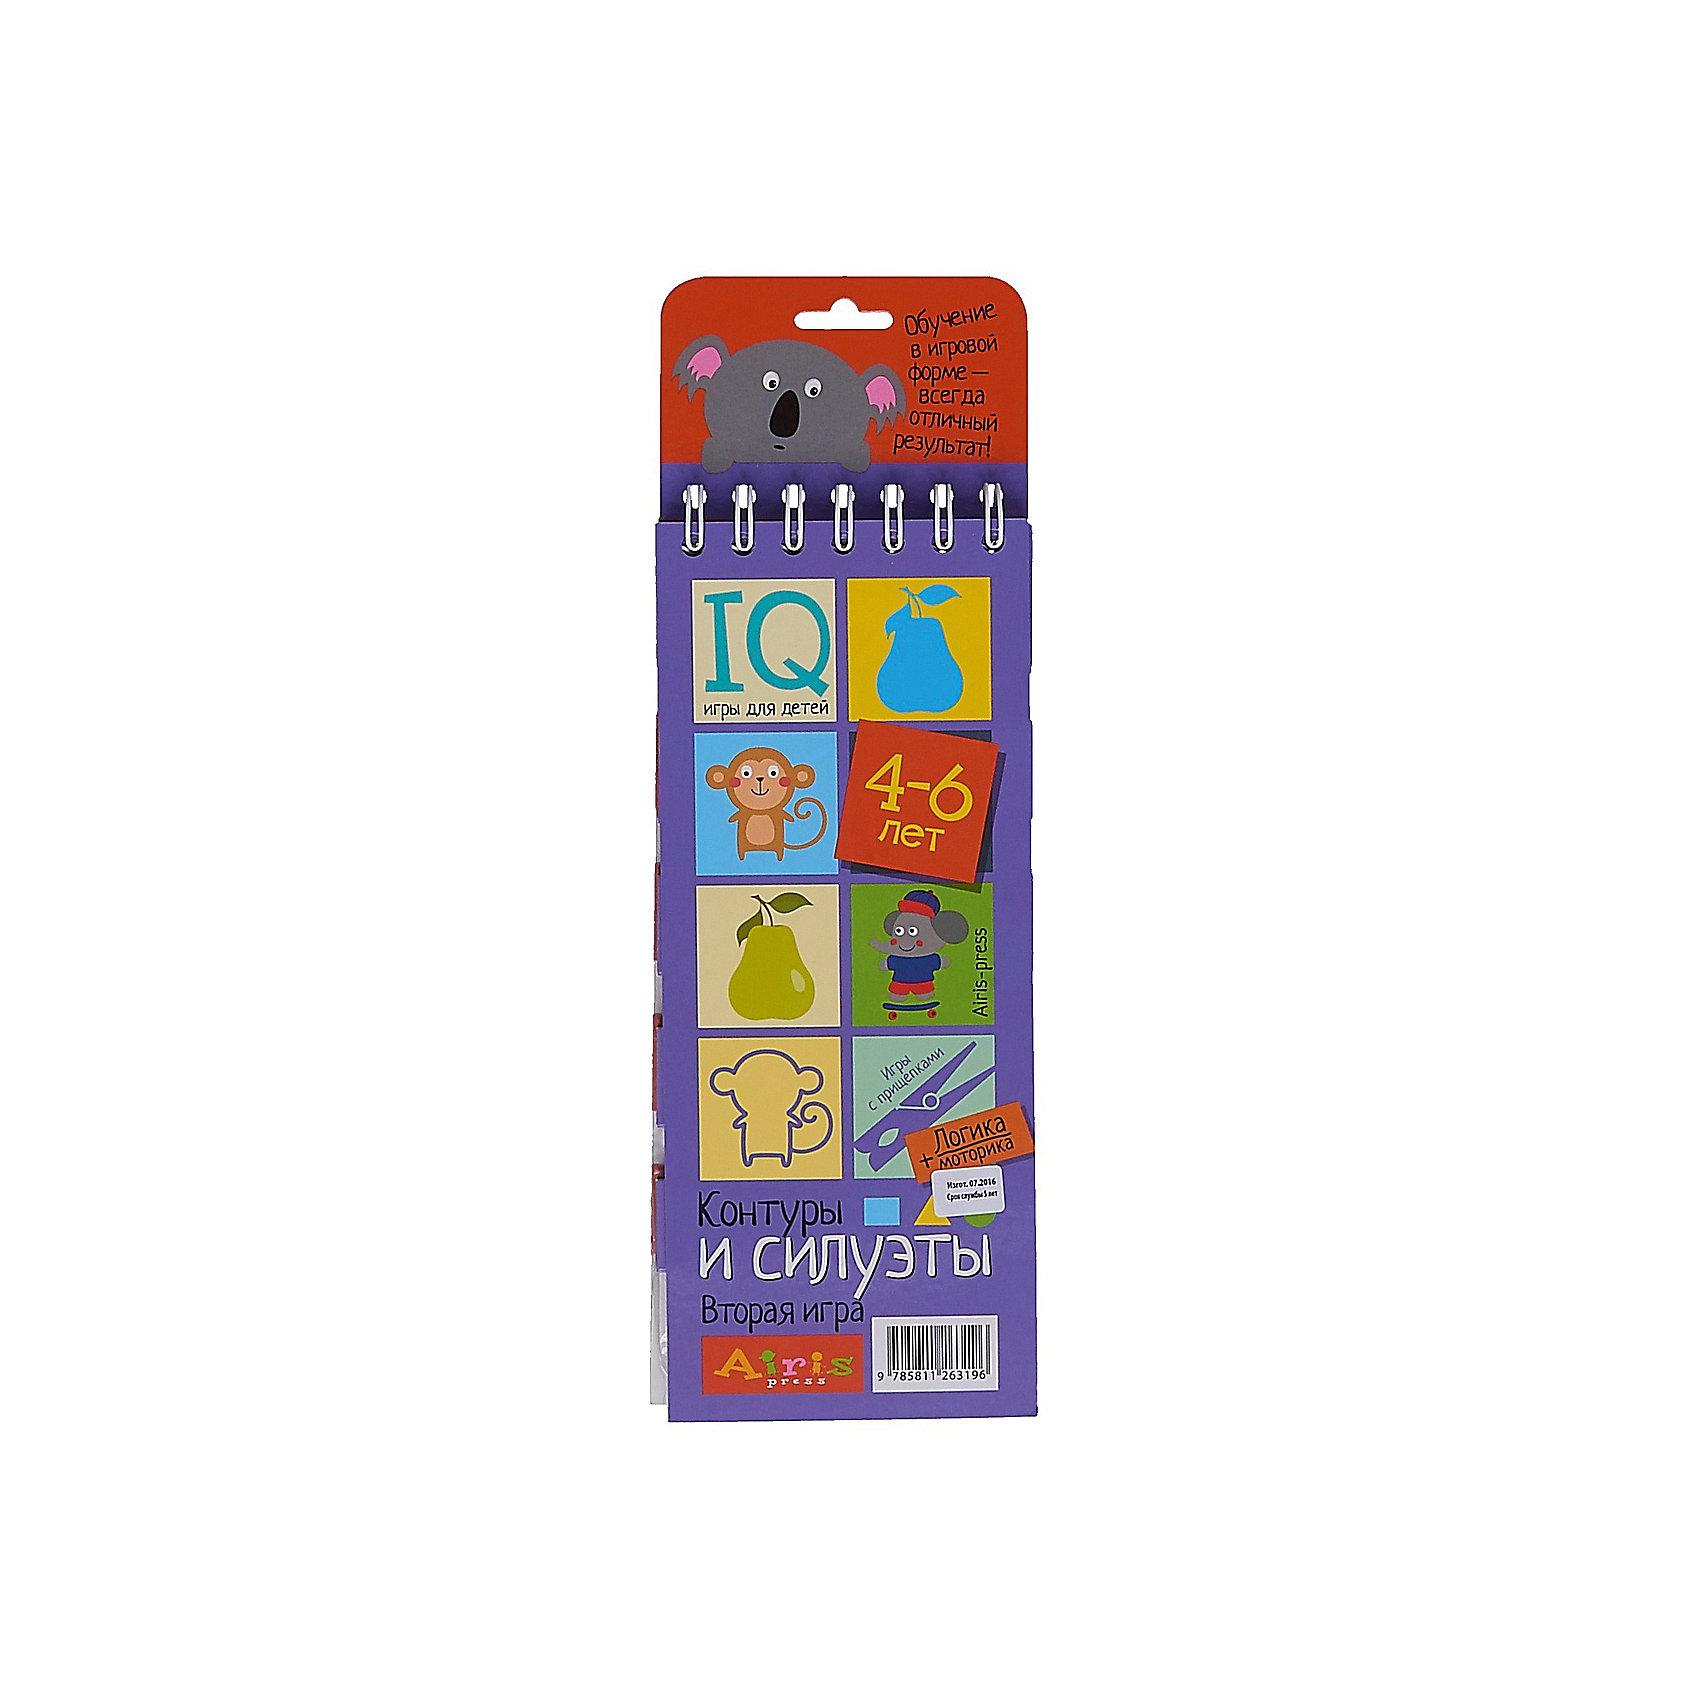 Игры с прищепками Контуры и силуэтыКниги для развития мышления<br>«Контуры и силуэты» – это игровой комплект для развития логического мышления и моторики. Комплект представляет собой небольшой блокнот на пружине, состоящий из 30 картонных карточек, и 8 разноцветных прищепок. Выполняя задания на карточках, ребёнок тренирует внимание и  наблюдательность, развивает образно-пространственное мышление, зрительное восприятие и воображение. Прикрепляя прищепки и проходя лабиринты, он развивает моторику и координацию движений. Проверить правильность своих ответов ребёнок сможет самостоятельно, просто проводя пальчиком по лабиринтам на оборотной стороне карточек. Простота и удобство комплекта позволяют использовать его в детском саду, дома и на отдыхе.&#13;<br>Предназначен для детей старше 4 лет.<br><br>Ширина мм: 15<br>Глубина мм: 95<br>Высота мм: 240<br>Вес г: 138<br>Возраст от месяцев: 48<br>Возраст до месяцев: 72<br>Пол: Унисекс<br>Возраст: Детский<br>SKU: 6849560